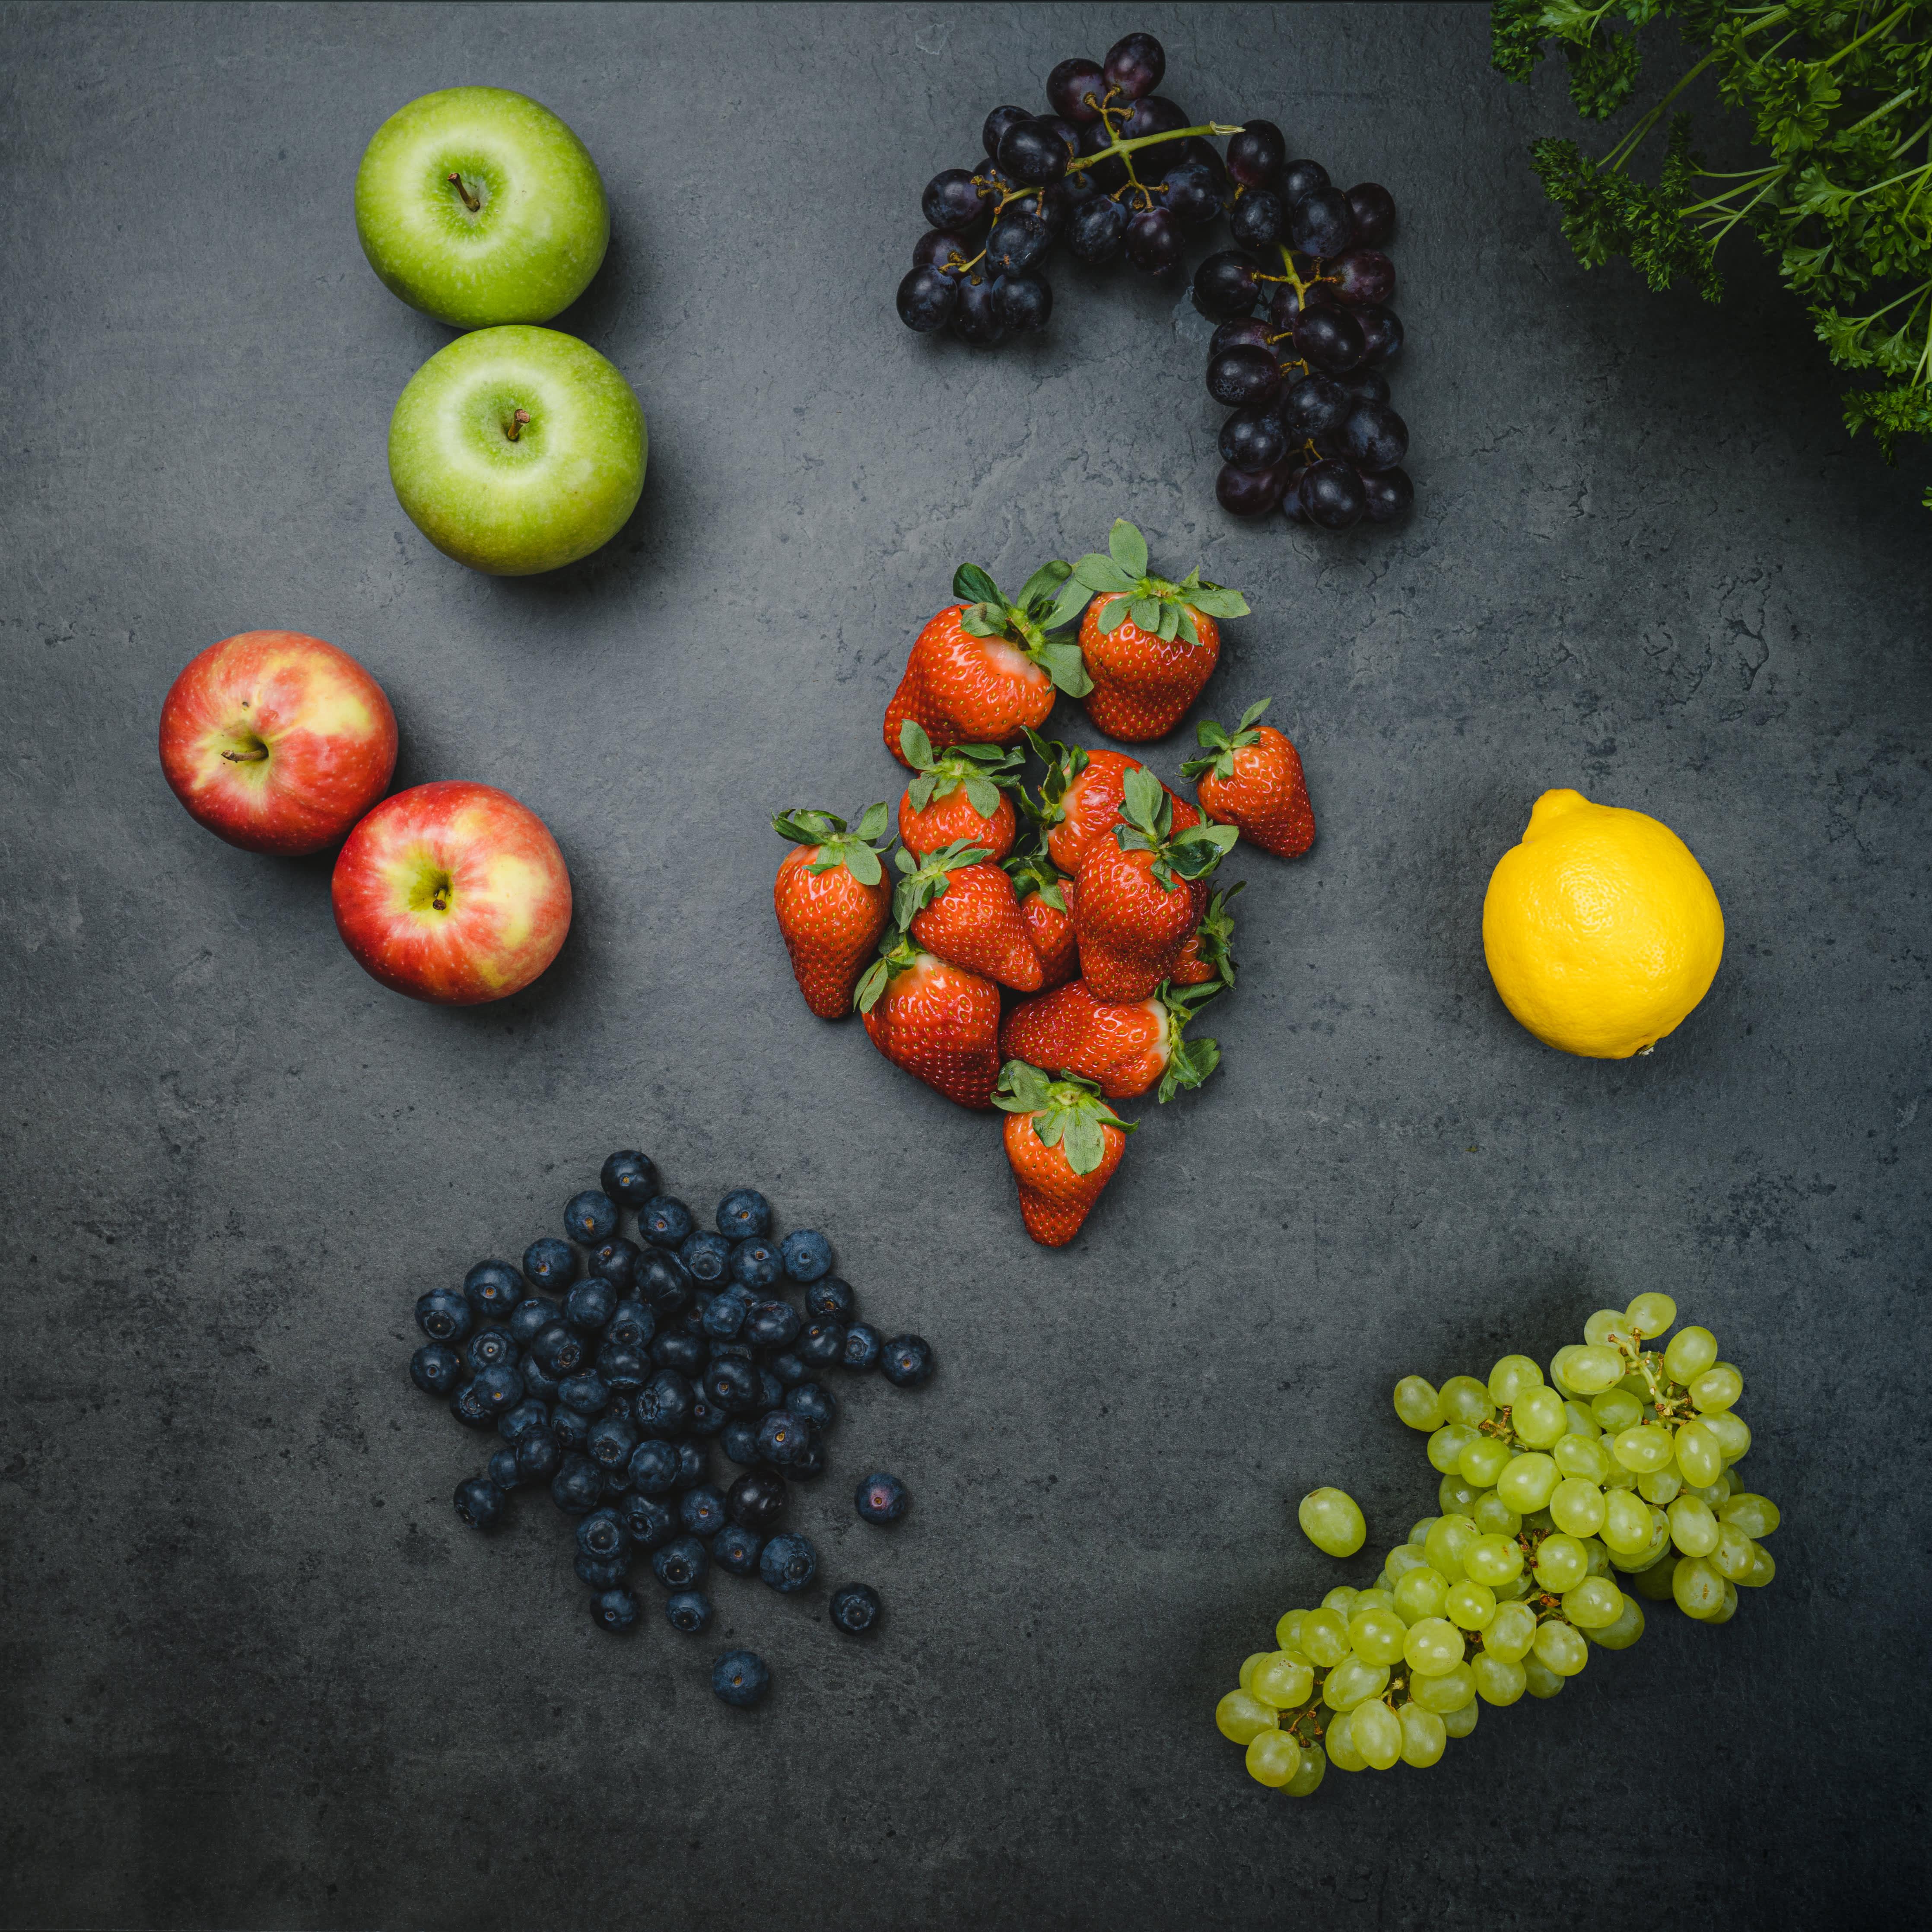 Frukt og bær i regnbuens farg.